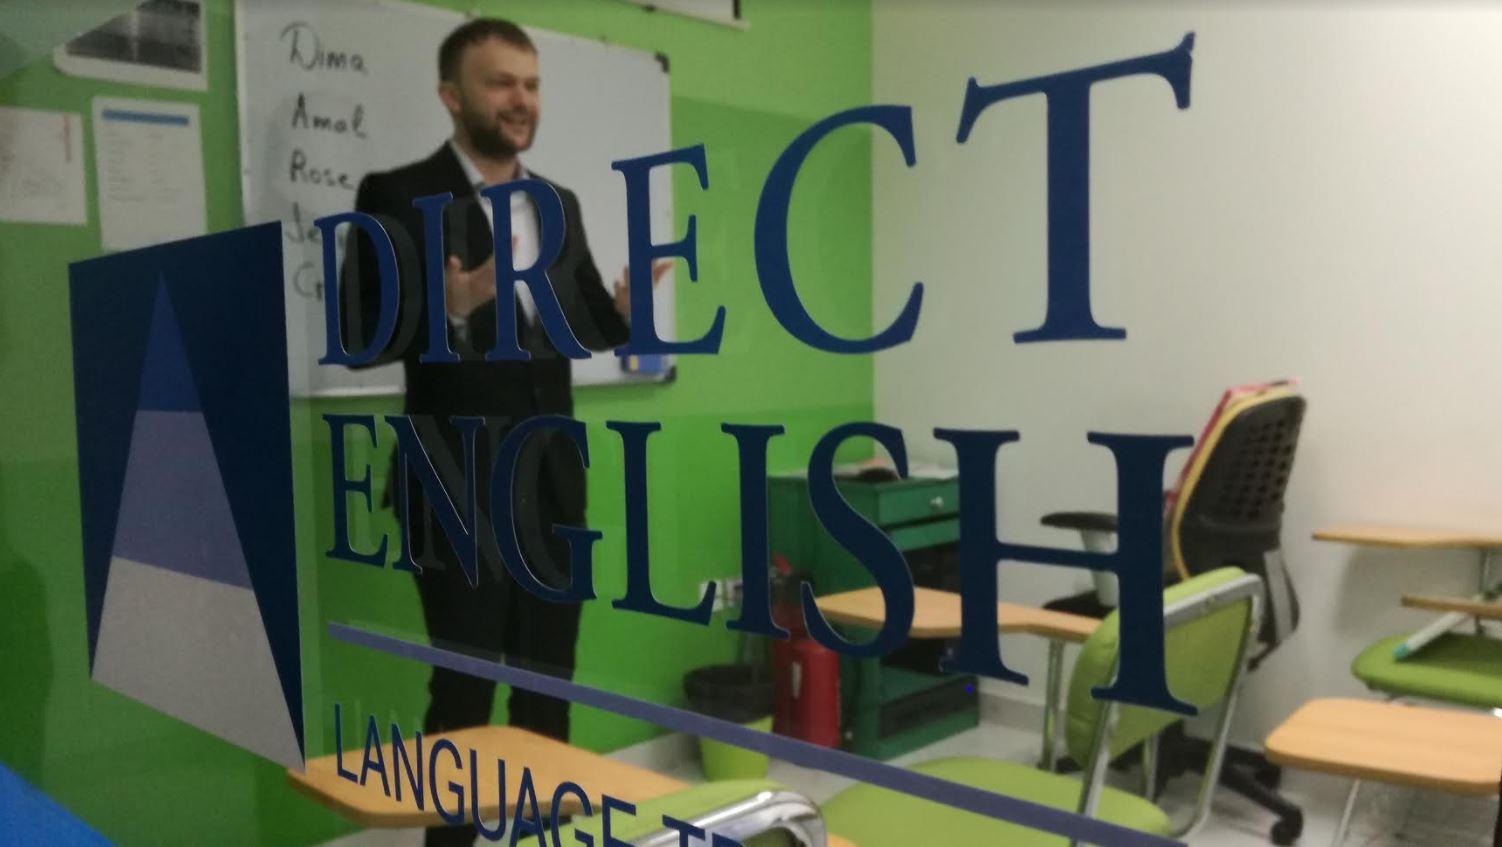 english training business franchise